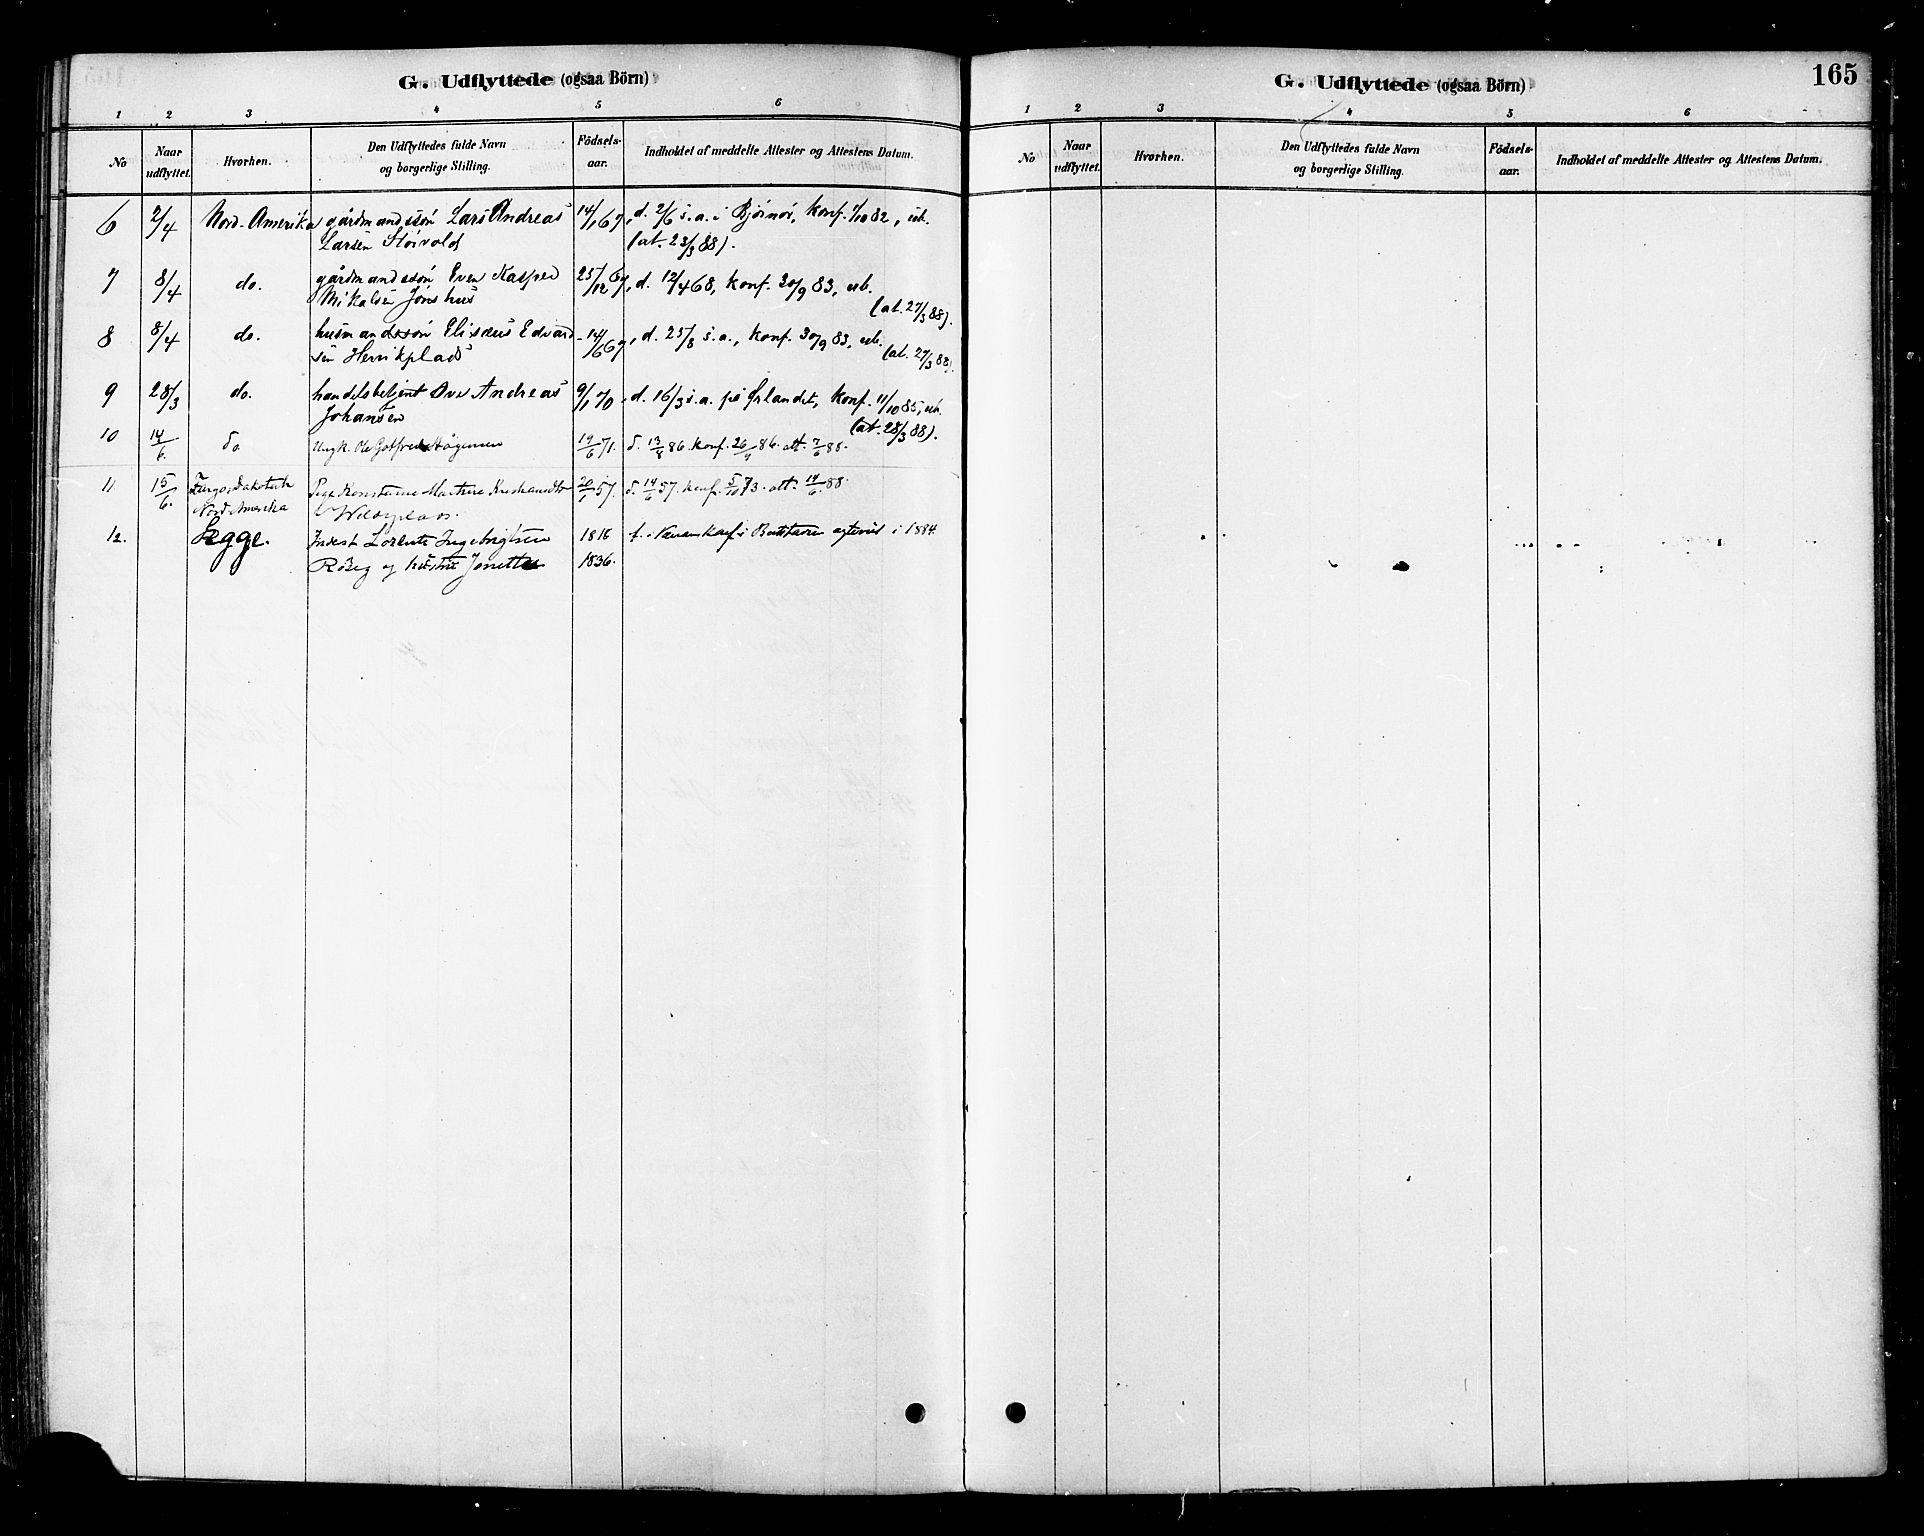 SAT, Ministerialprotokoller, klokkerbøker og fødselsregistre - Nord-Trøndelag, 741/L0395: Ministerialbok nr. 741A09, 1878-1888, s. 165